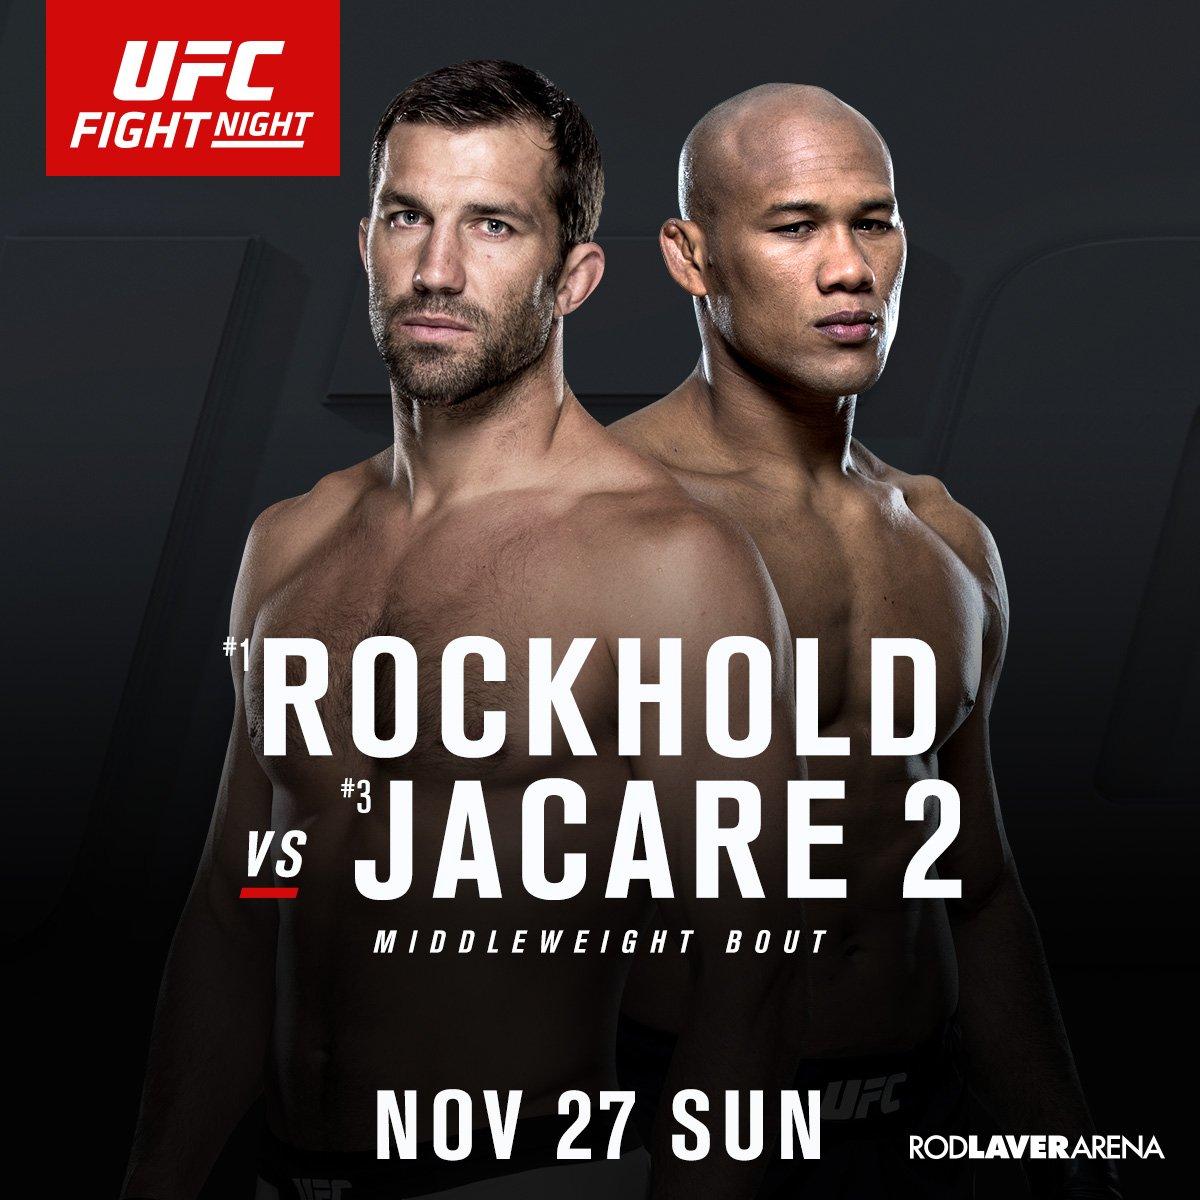 Melbourne, you in?! @LukeRockhold vs. @JacareMMA | Nov 27 Register for pre-sale info ➡️ https://t.co/9gHa4oOvy4 https://t.co/QGjwqUUU7Q